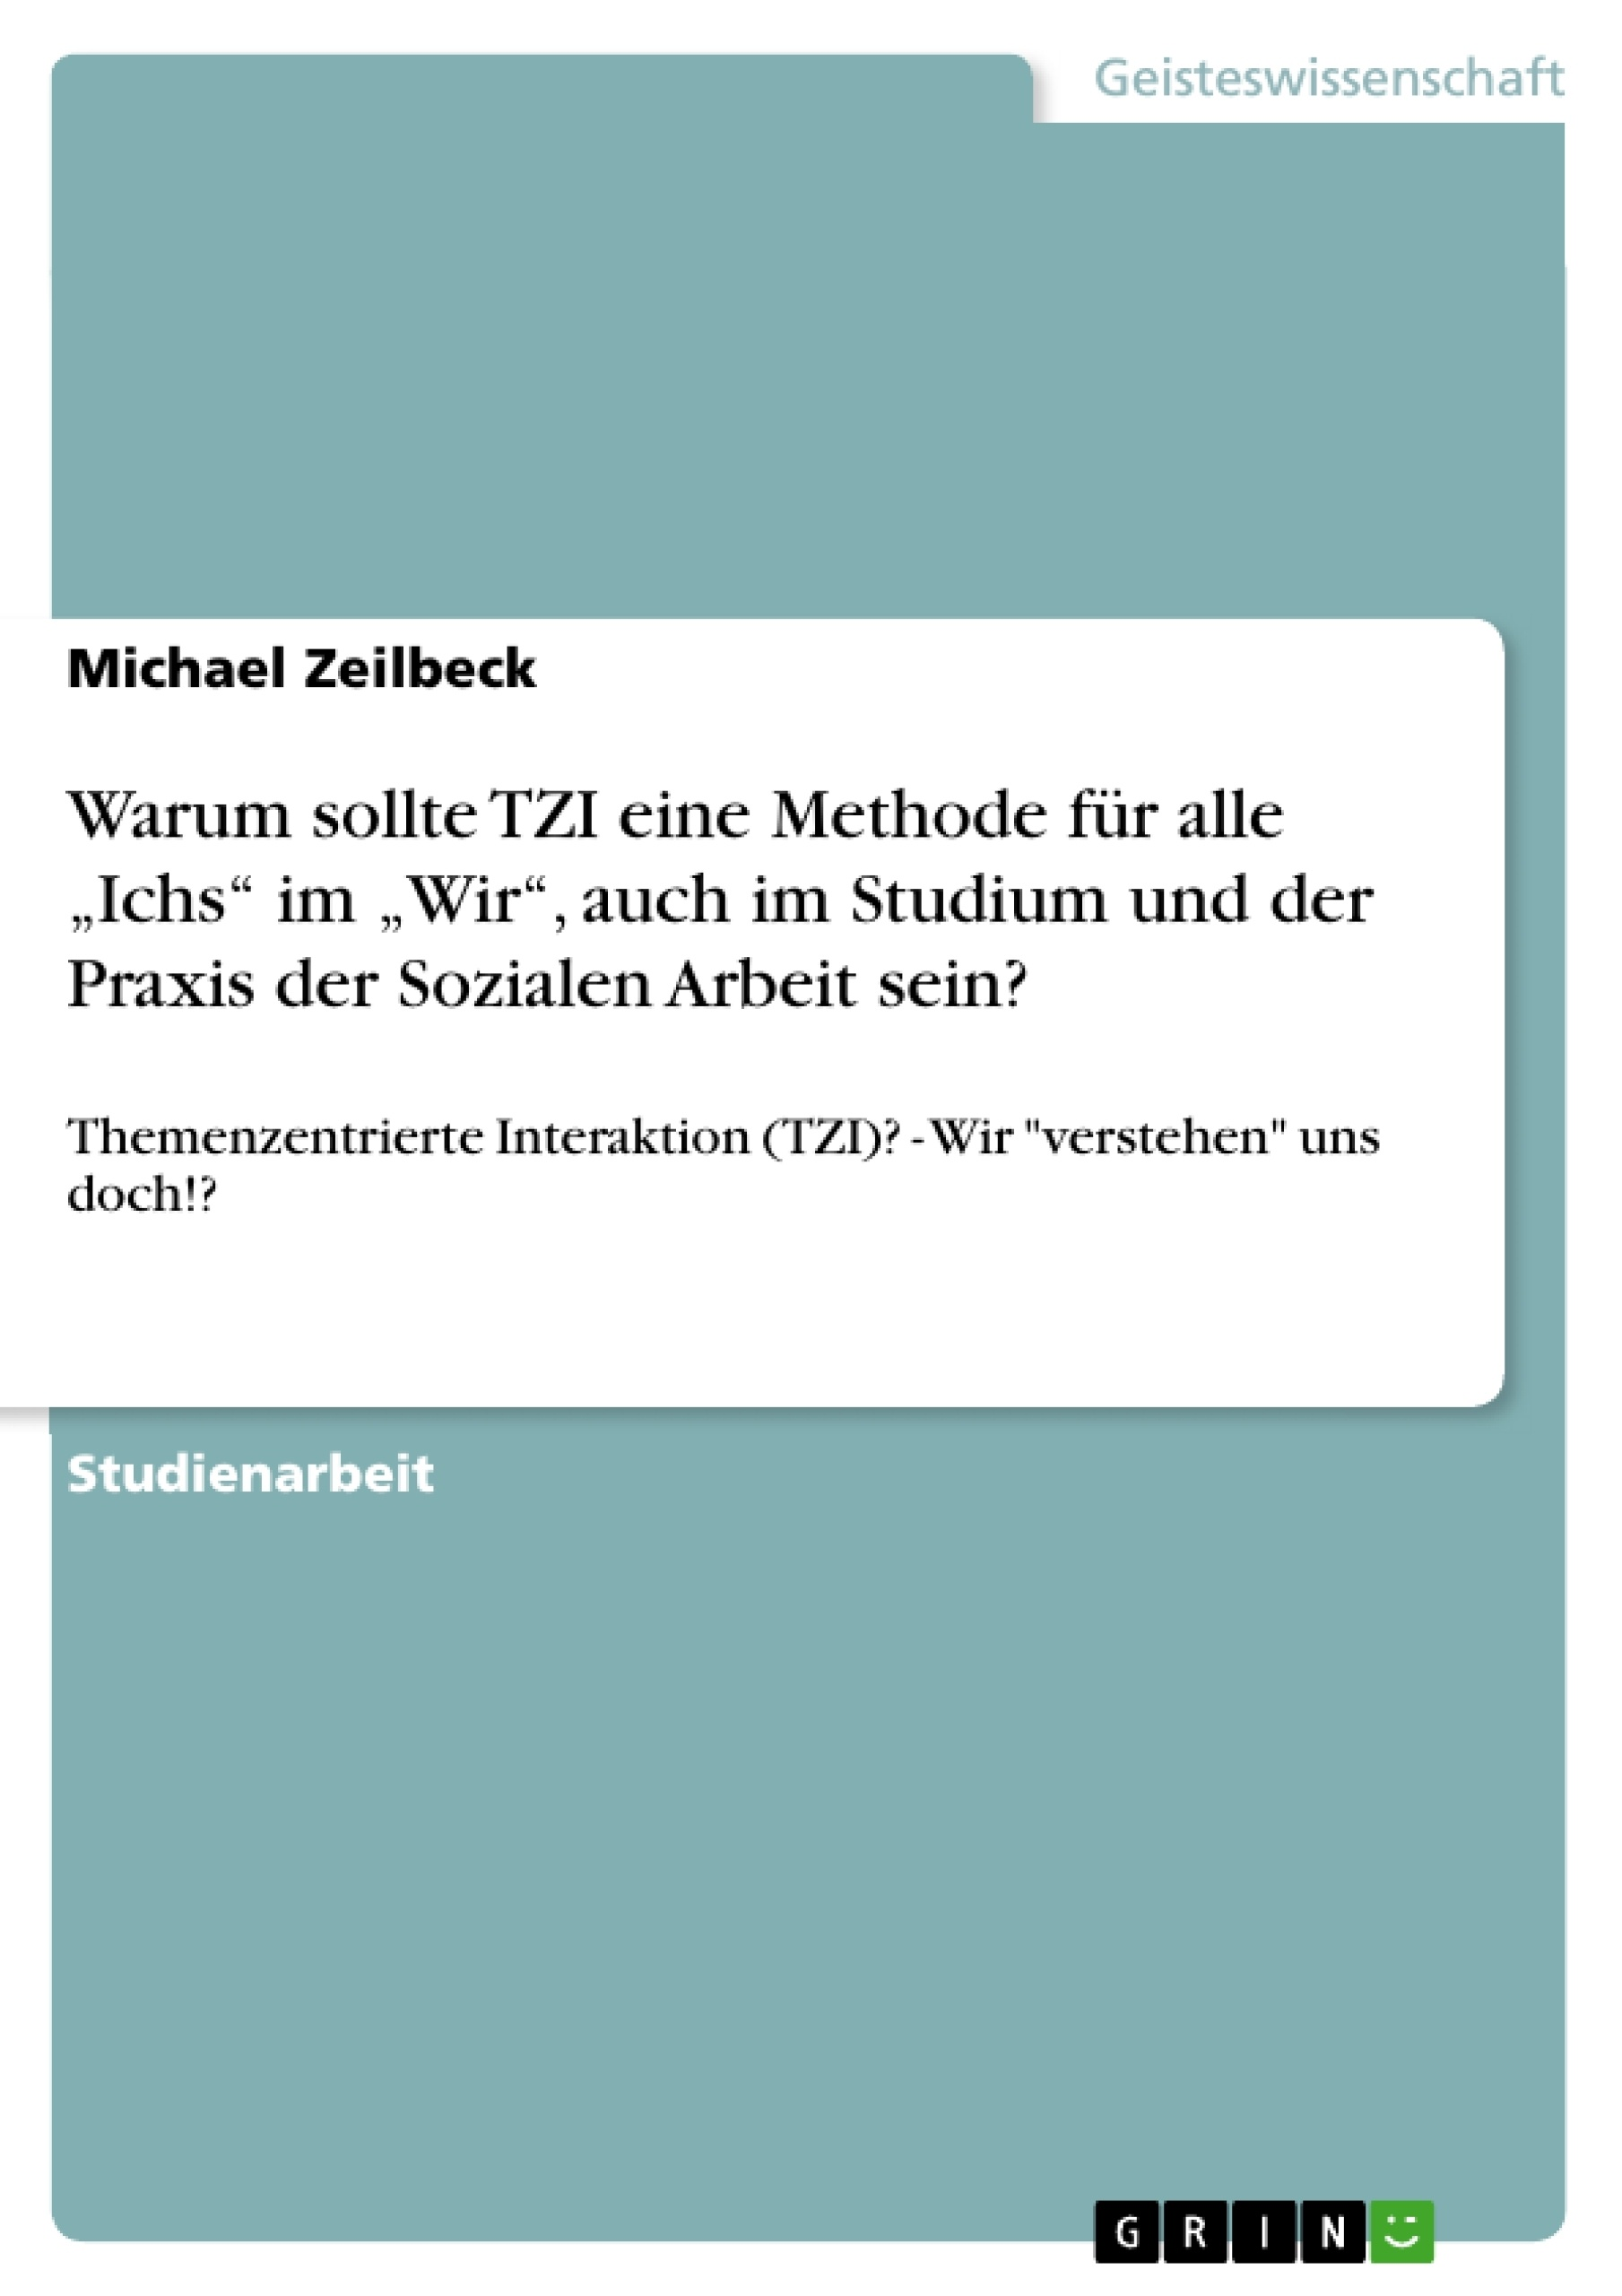 """Titel: Warum sollte TZI eine Methode für alle """"Ichs"""" im """"Wir"""", auch im Studium und der Praxis der Sozialen Arbeit sein?"""